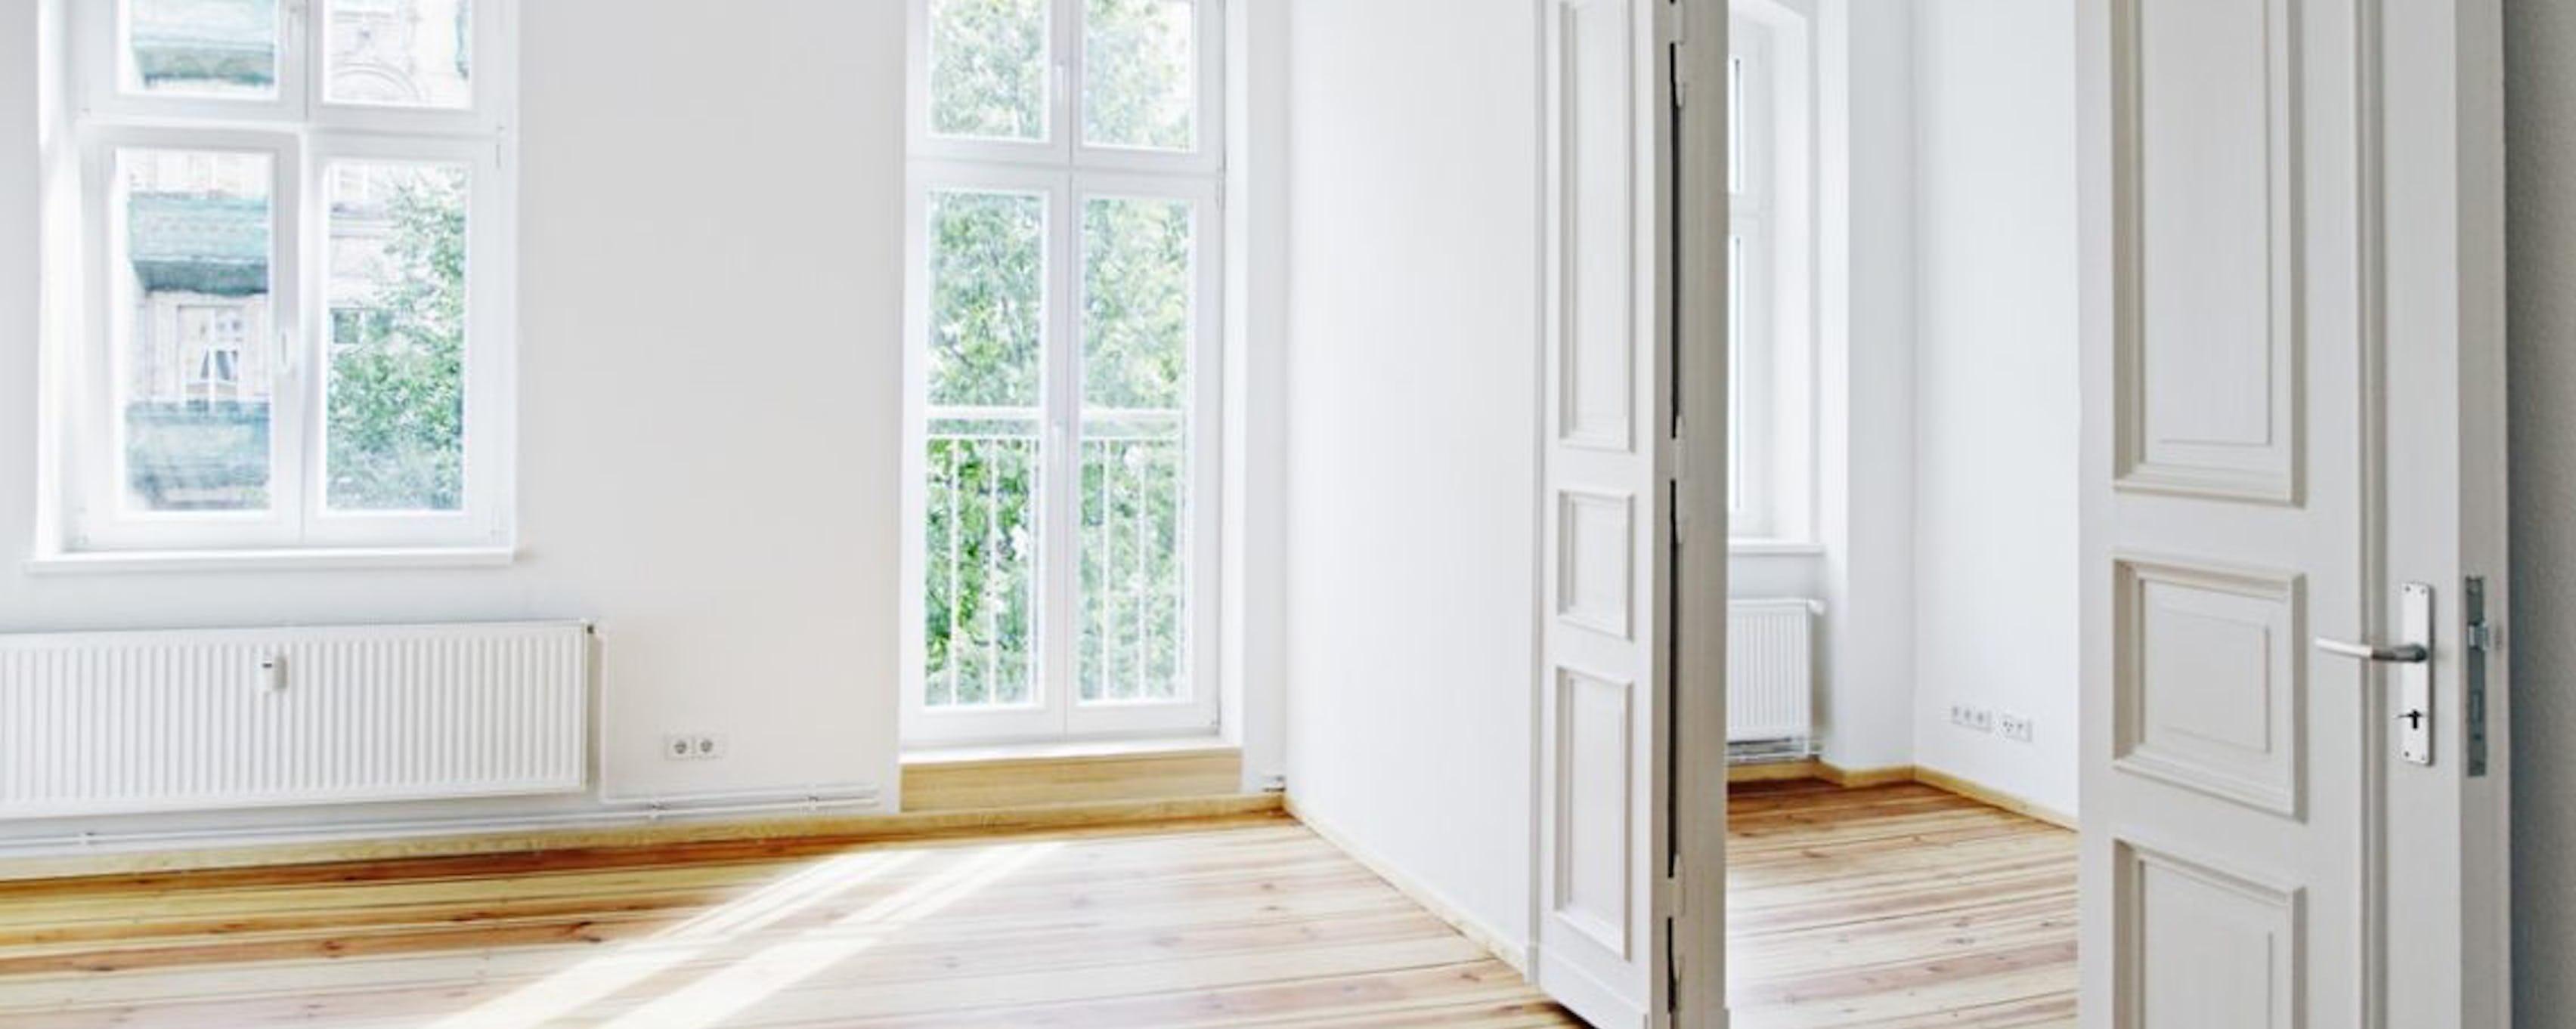 Bien Agencer Un Petit Appartement aménagement d'appartement : comment bien aménager son